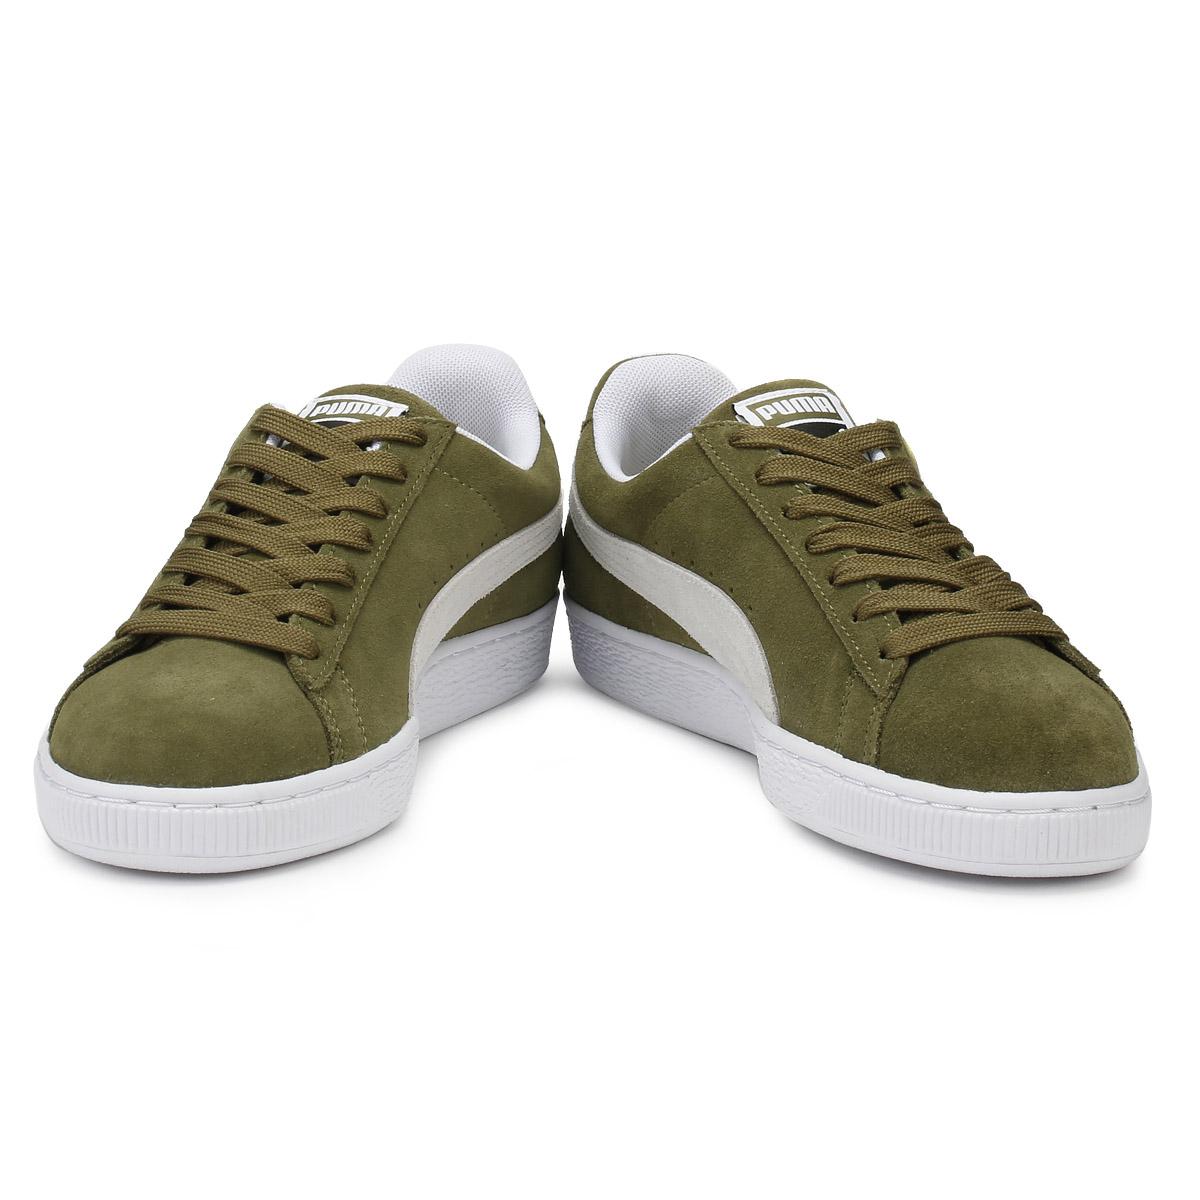 Puma Zapatillas para hombre Clásico Zapatos Verde Oliva Gamuza Zapatos Clásico Deportivos Informales con Cordones 12cd7d